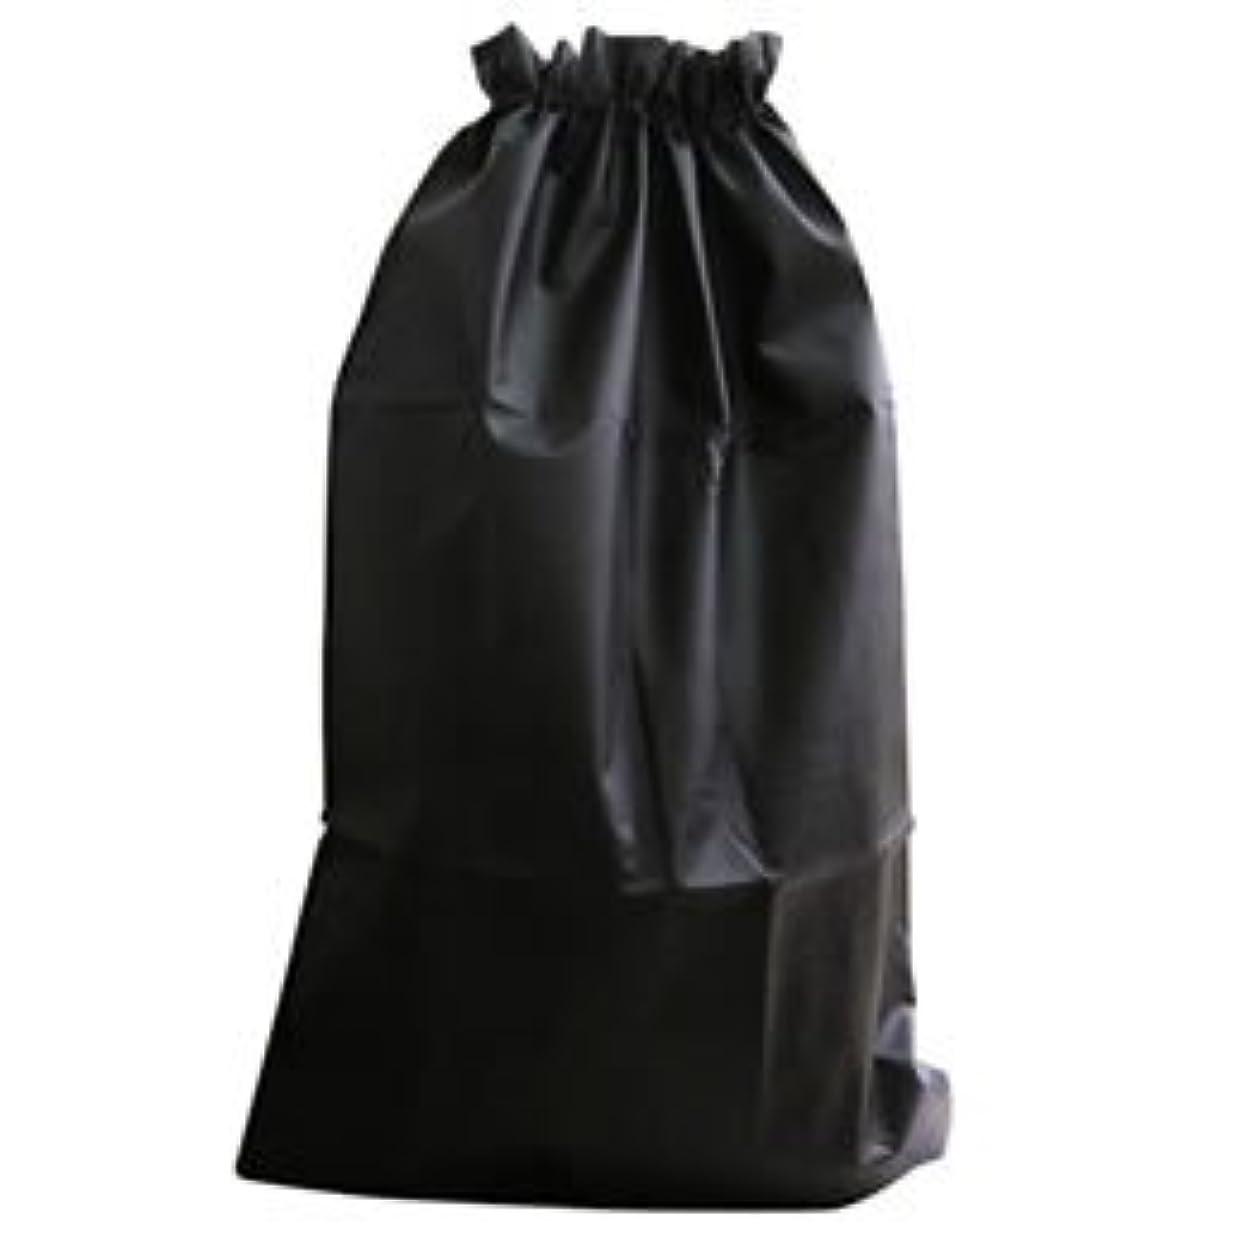 盗賊多様なクラックポット特大巾着袋